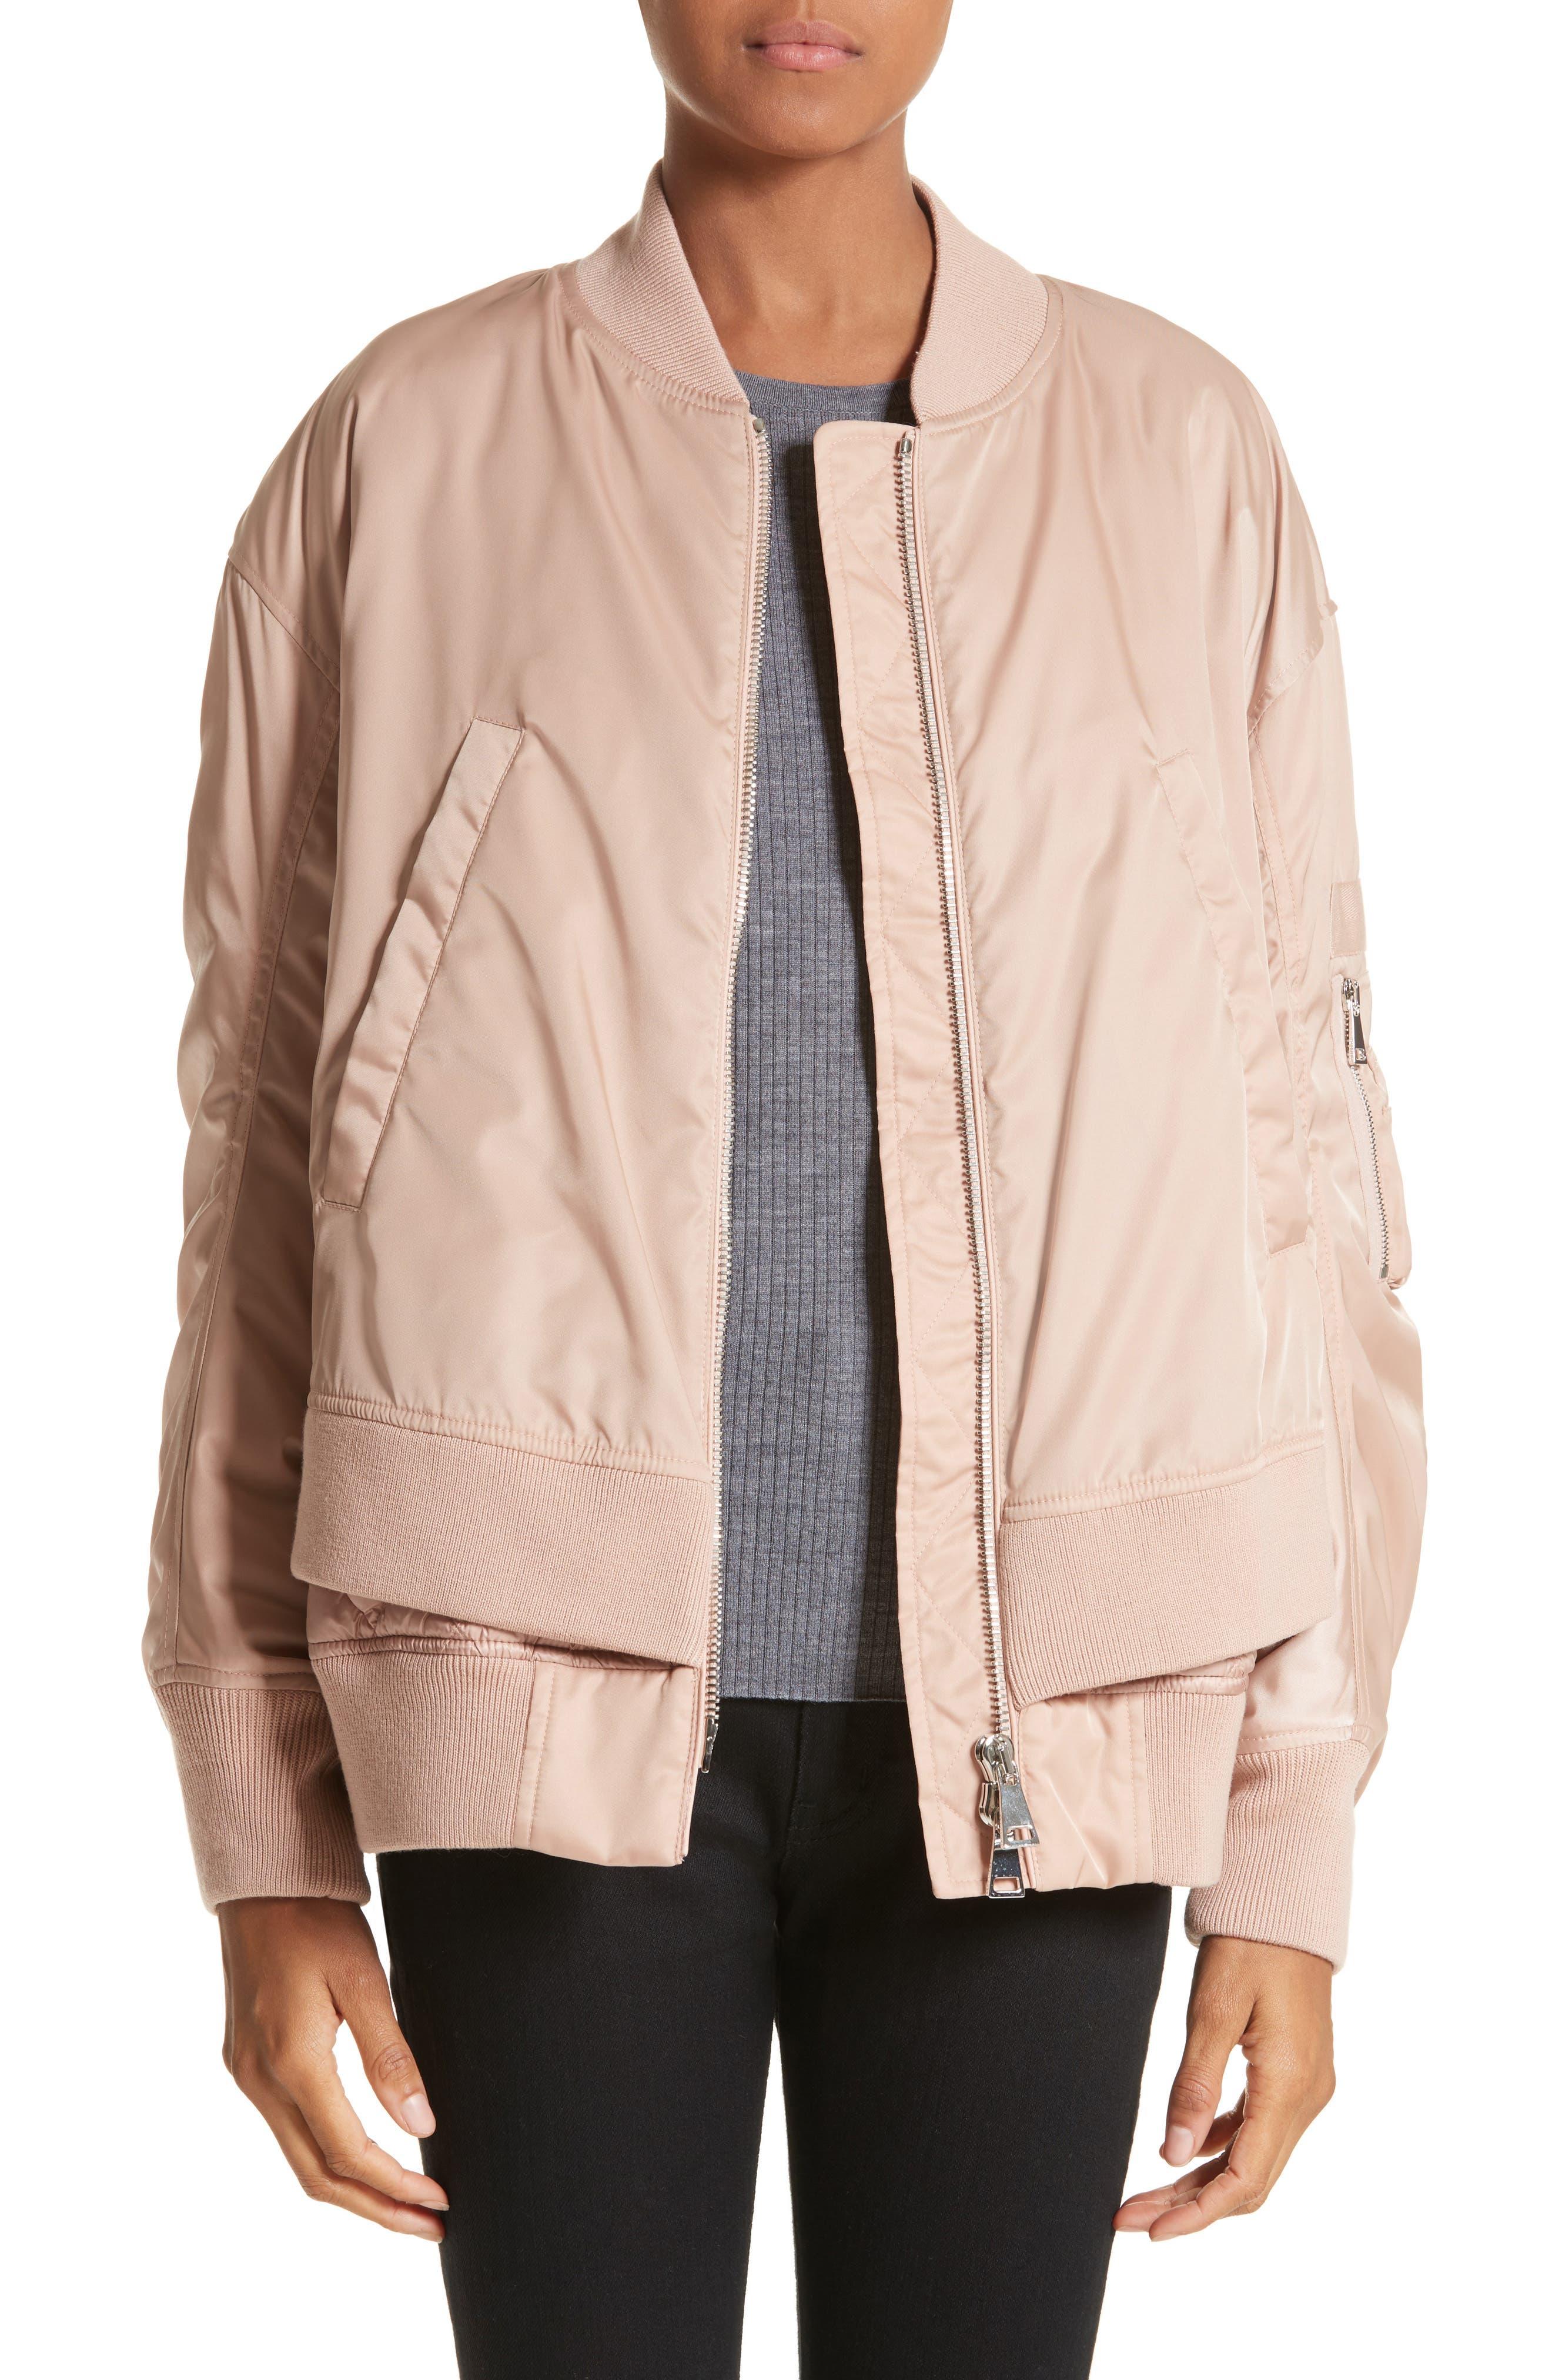 Aralia Layered Bomber Jacket,                             Main thumbnail 1, color,                             Pink